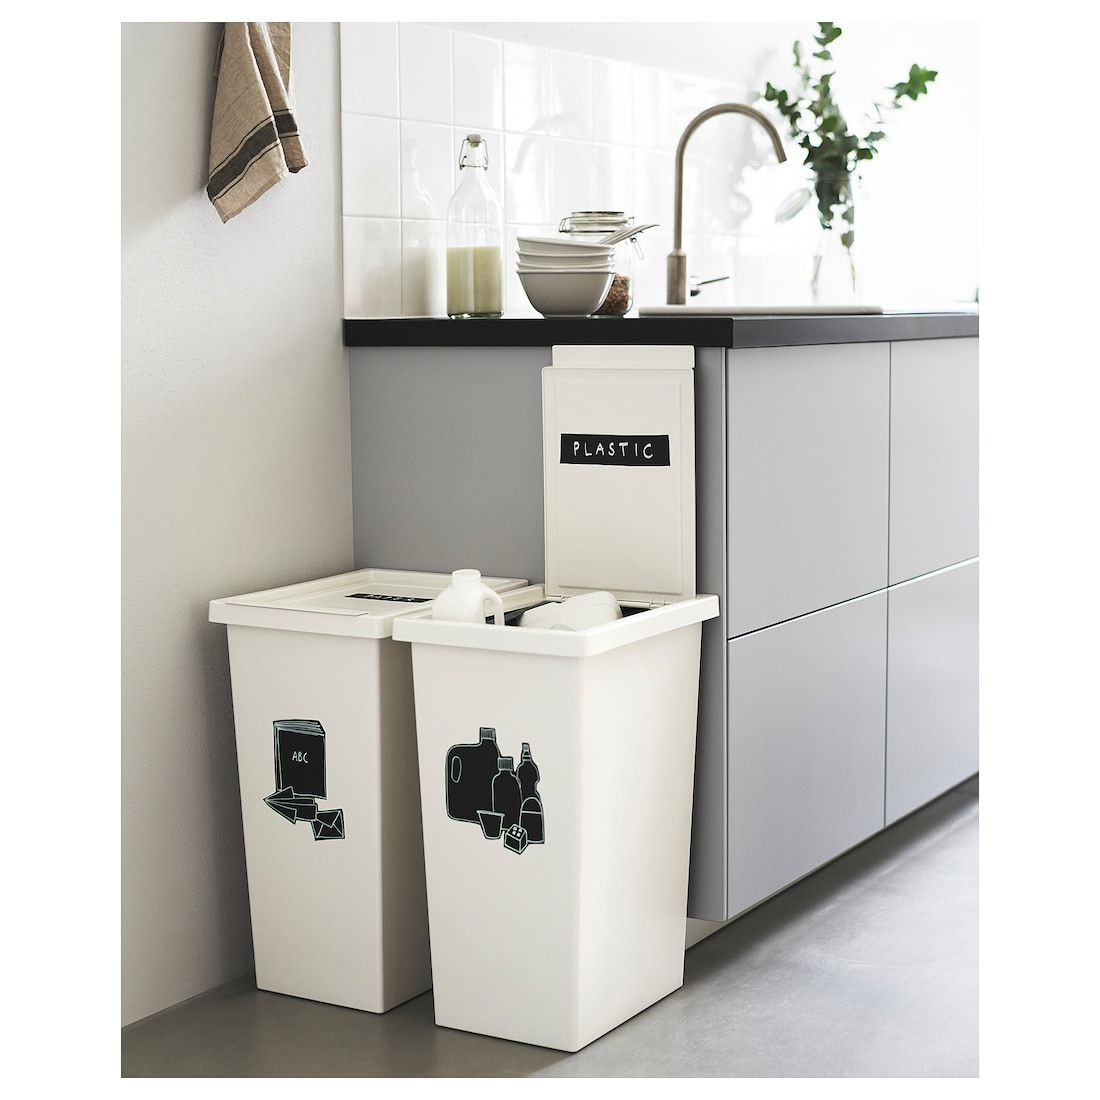 Download Wallpaper White Kitchen Recycling Bin